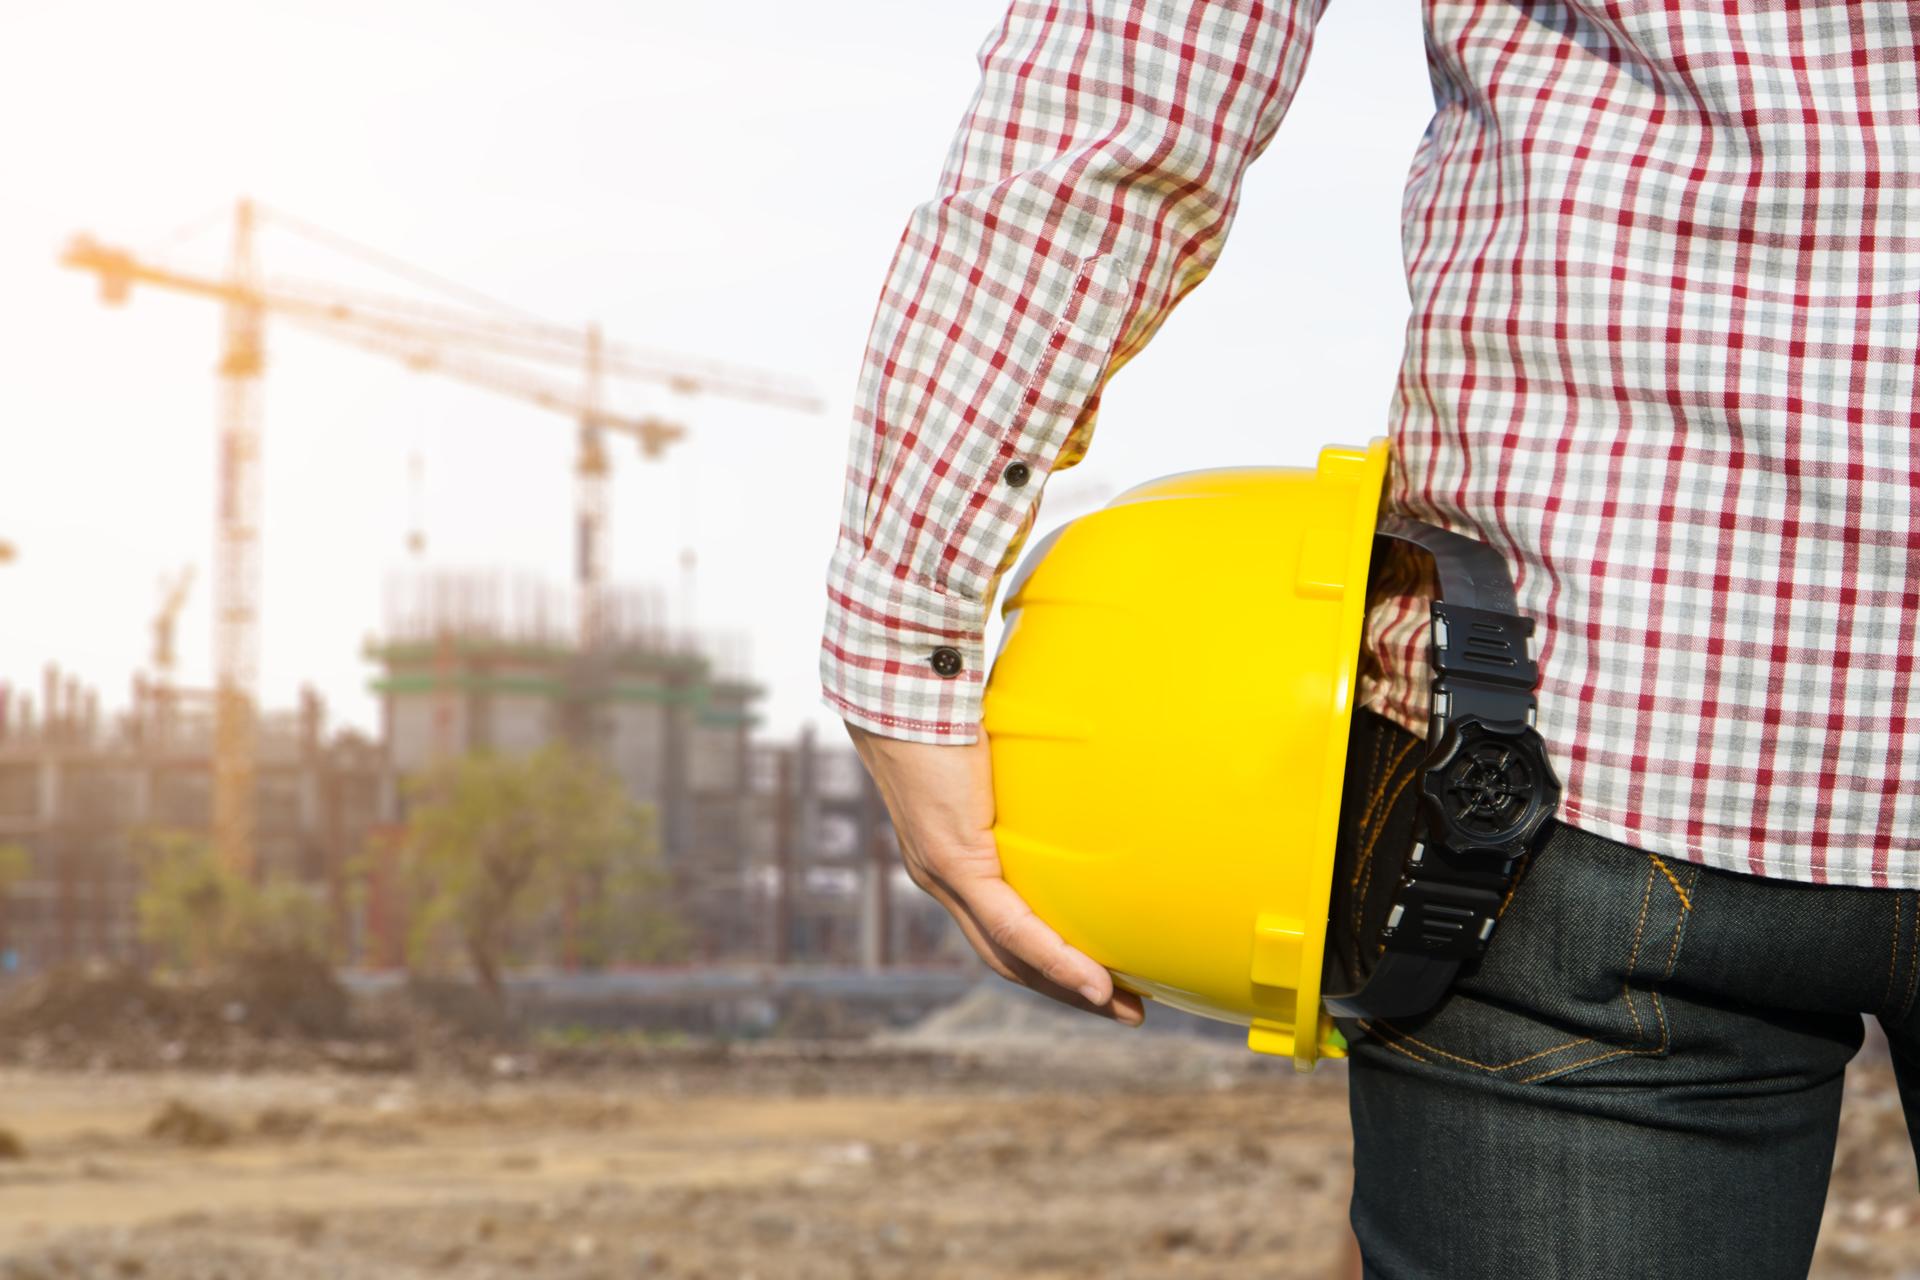 bbuilding-worker